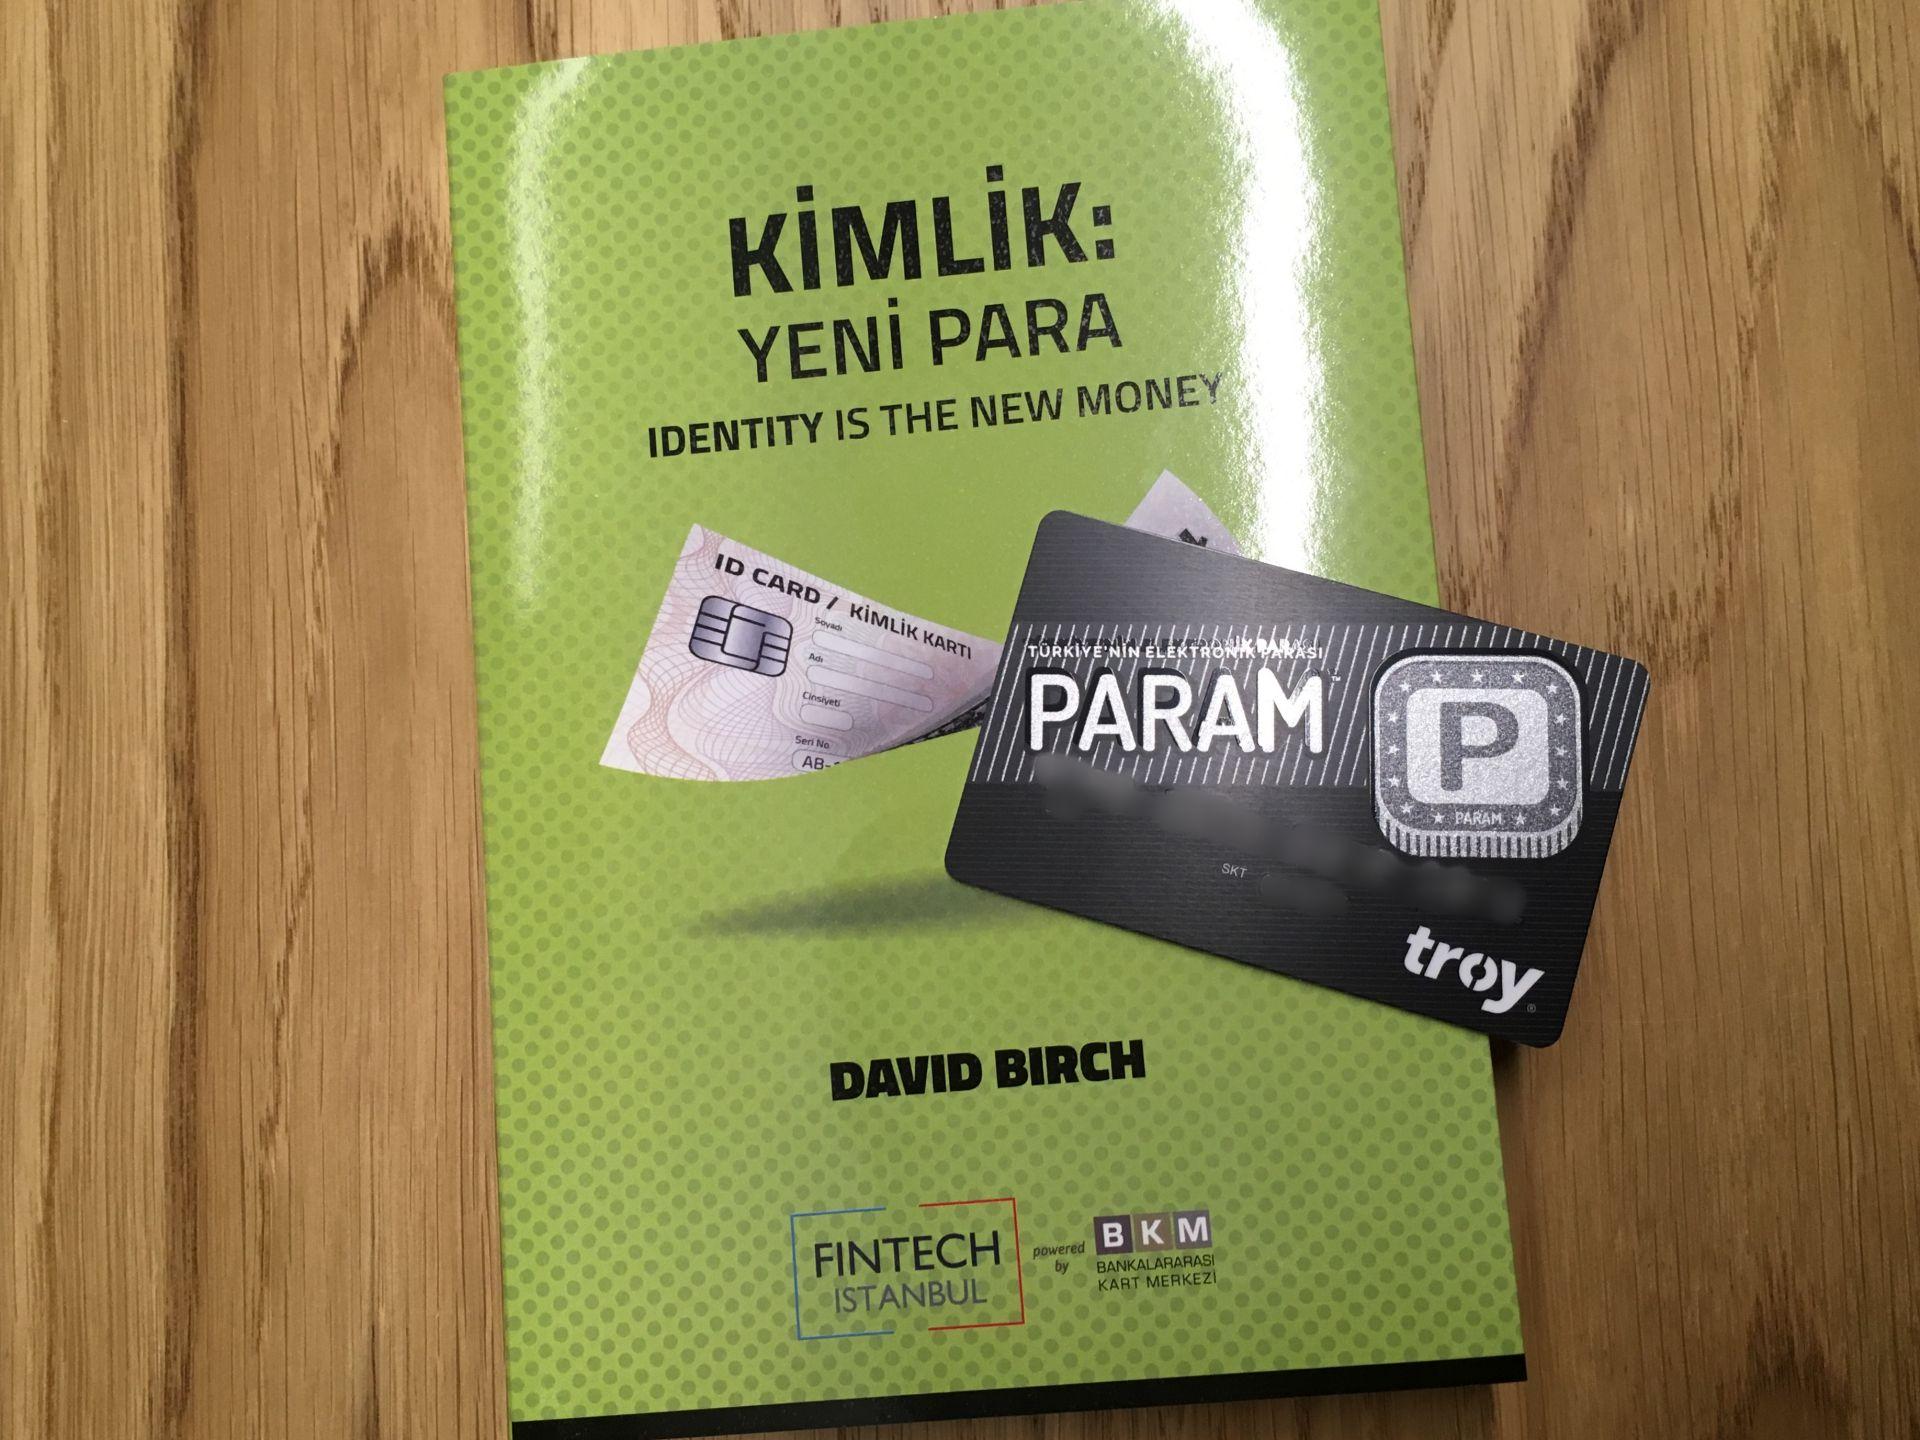 """""""Kimlik: Yeni Para"""" kitabı ve 30 TL yüklü ön ödemeli Troy kartı kazanma şansı!"""